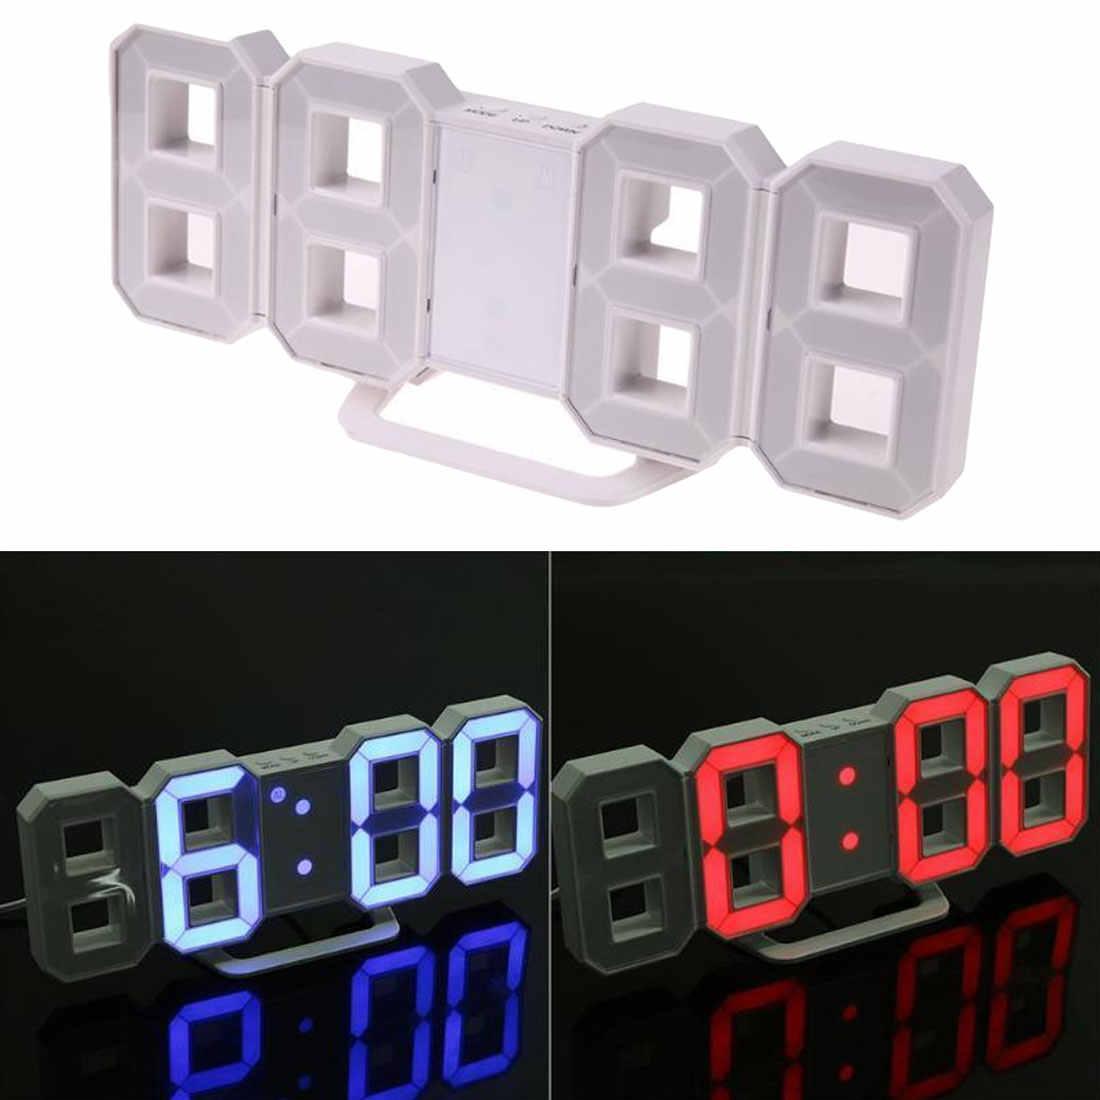 Hiện đại Đồng Hồ Đồng Hồ Đồng Hồ Kỹ Thuật Số ĐÈN LED Để Bàn Báo Lại đồng hồ Để Bàn Đồng Hồ 24 hoặc 12 Giờ Hiển Thị cơ chế Báo Động